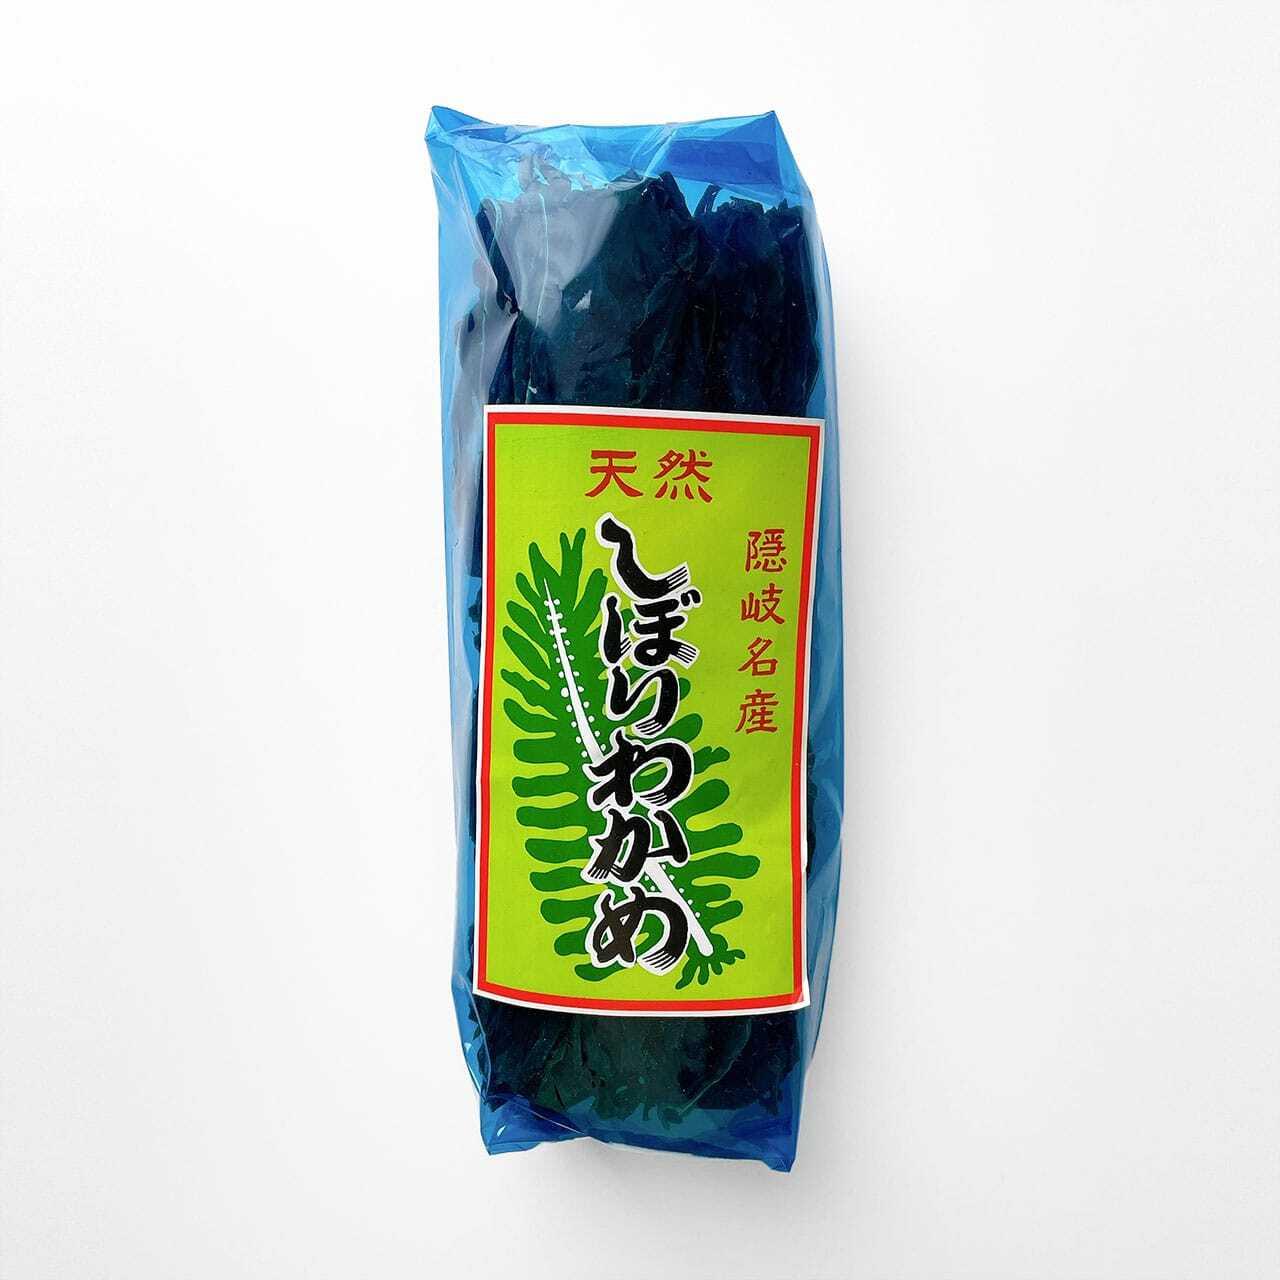 島根県・隠岐島『しぼりワカメ』